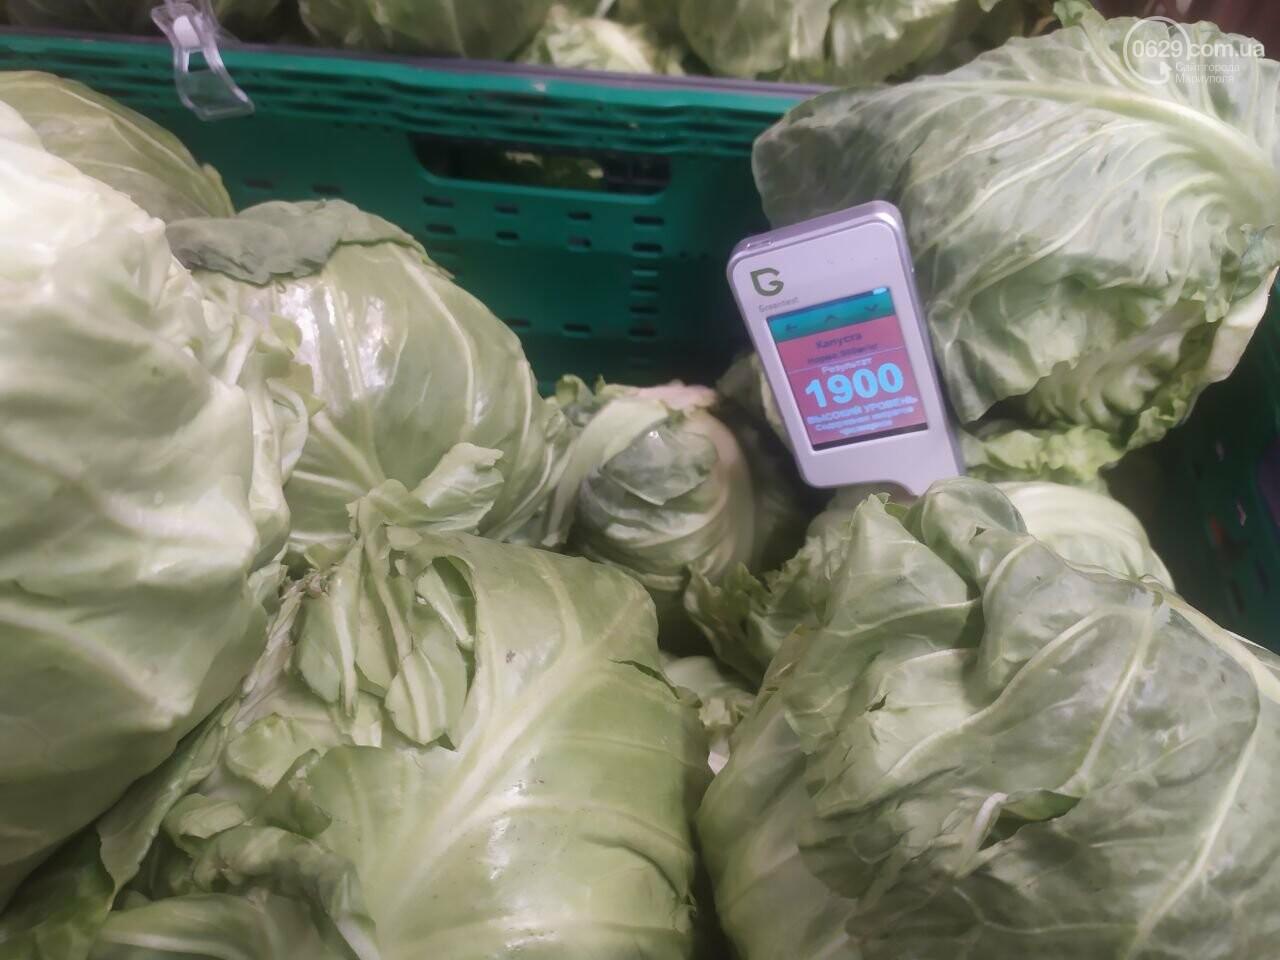 Осторожно, нитраты! В супермаркетах Мариуполя продают опасную редиску и капусту, - ФОТО, фото-13